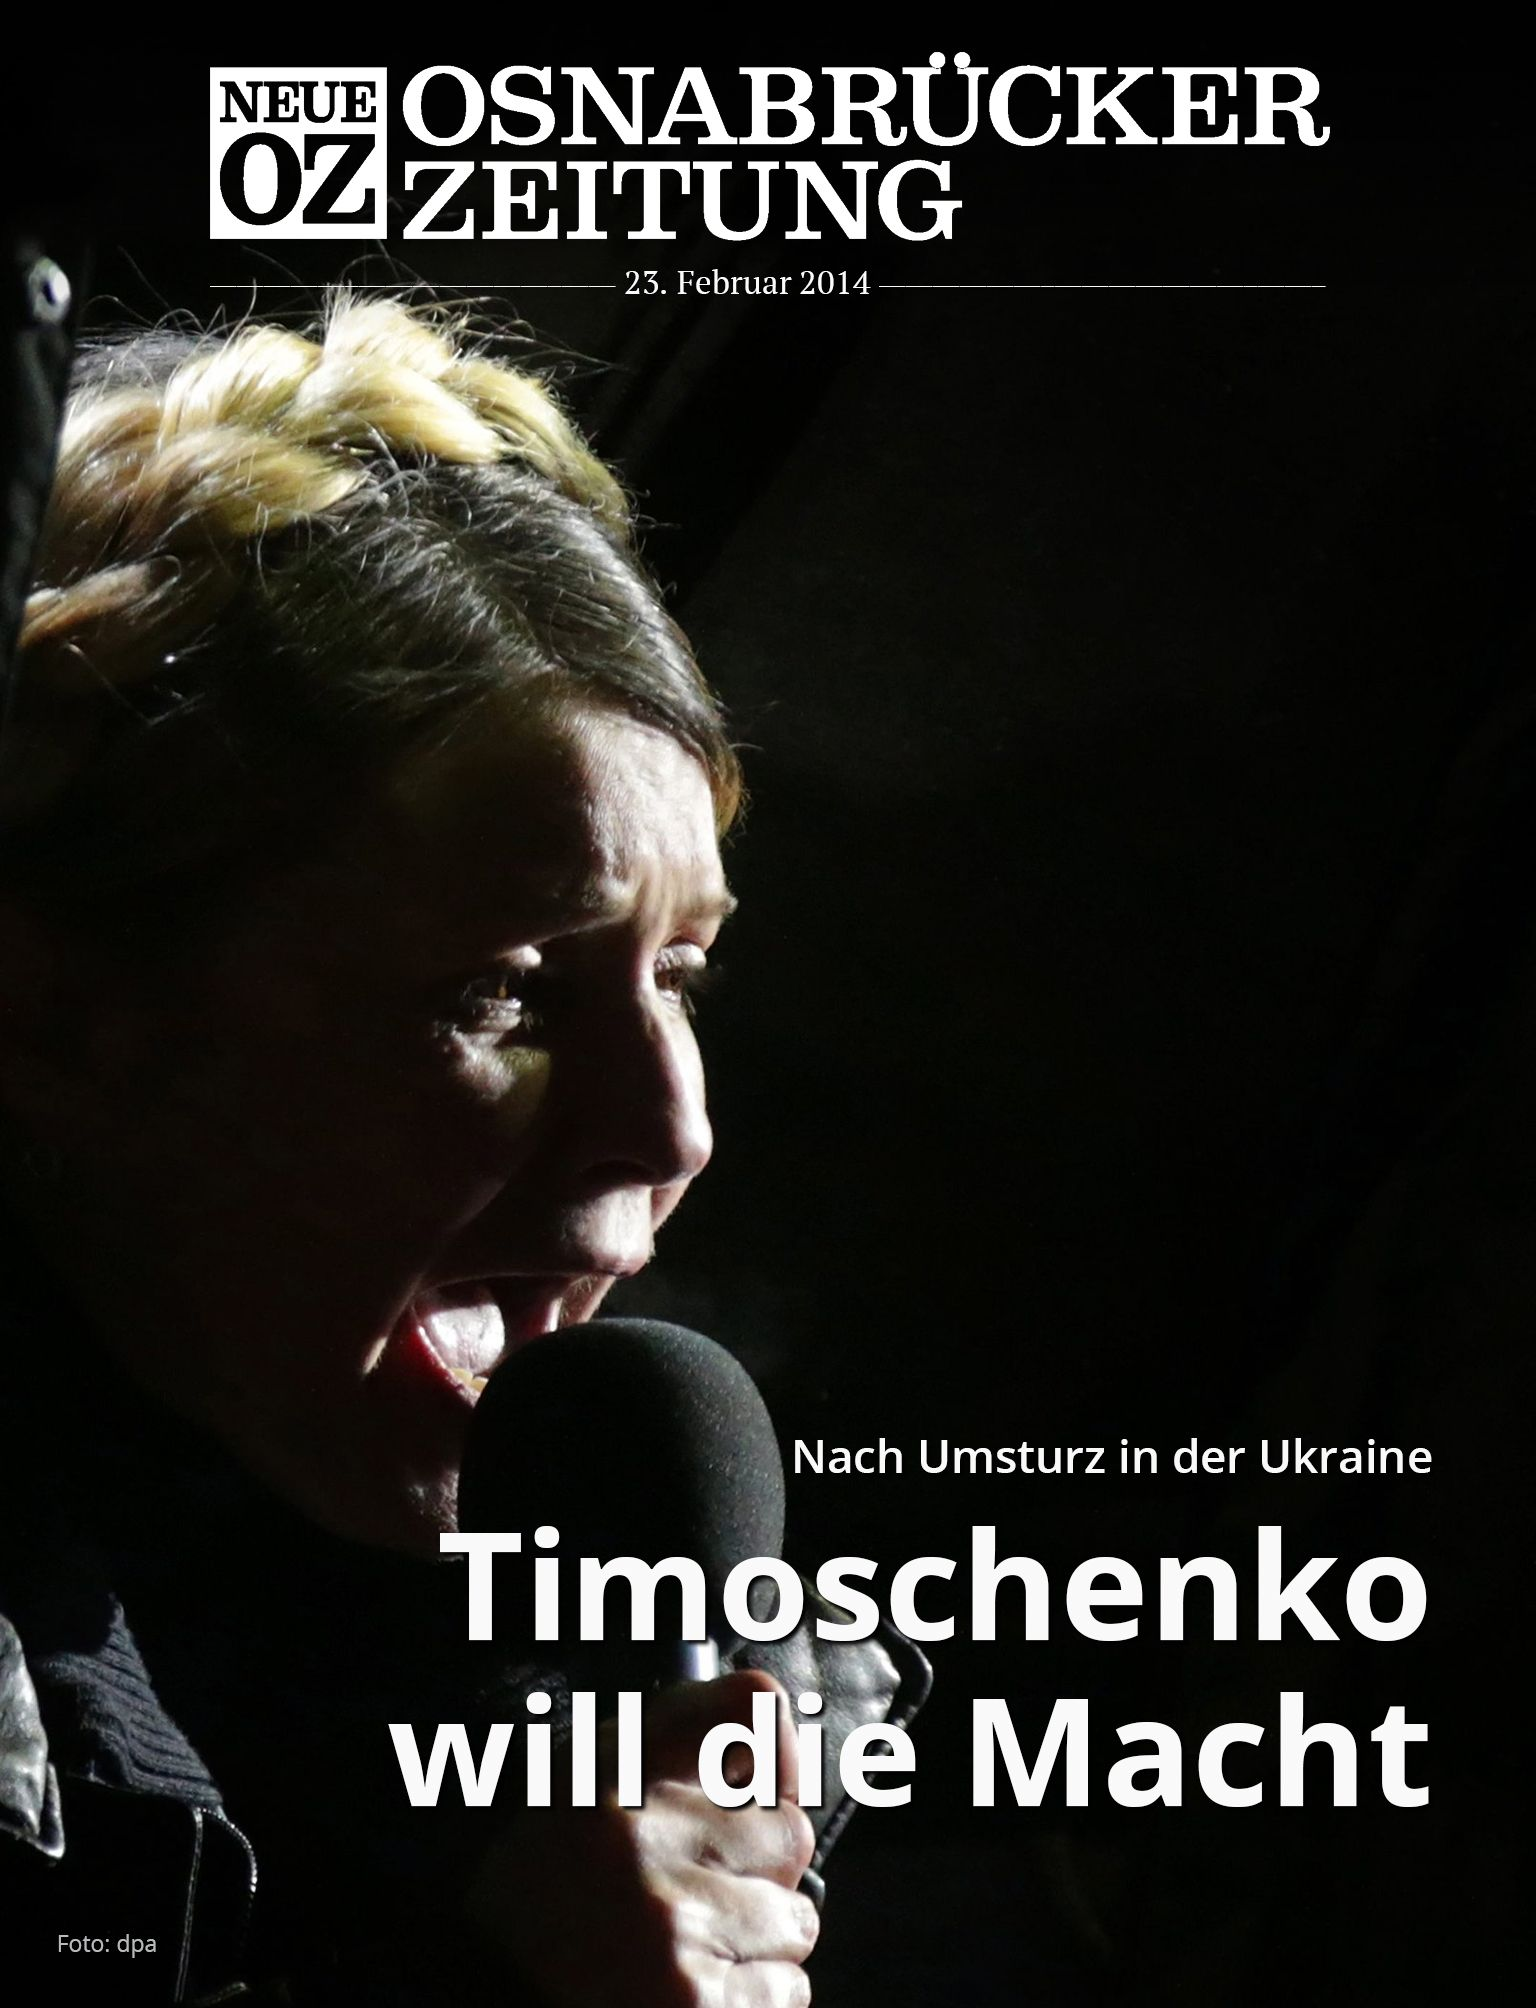 Nach dem Umsturz in der Ukraine: Timoschenko will die Macht. Lesen Sie jetzt mehr zum Titelthema in Ihrer Abendausgabe. www.noz.de/abo